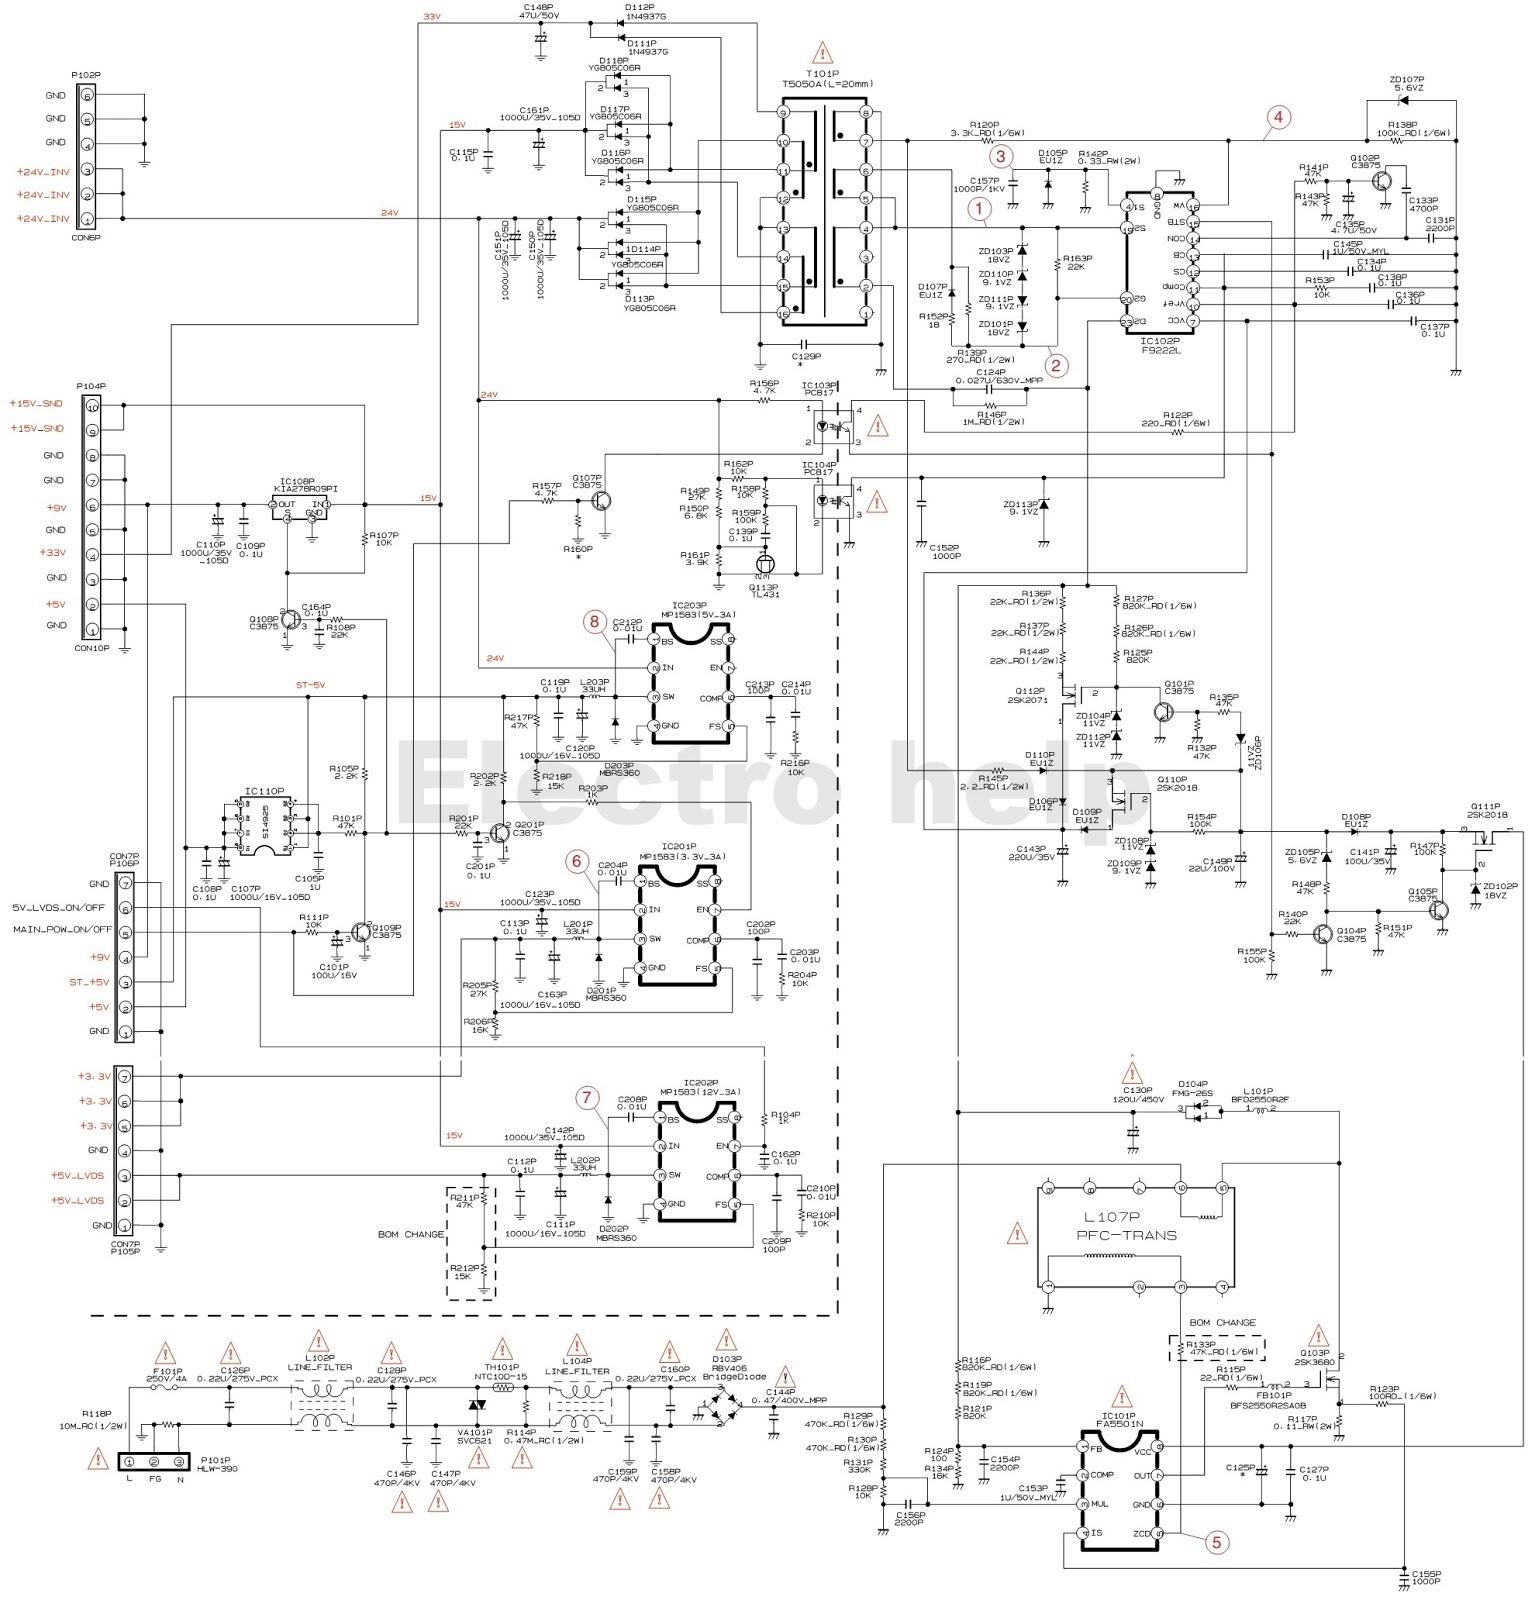 WRG-6242] John Deere 133 Wiring Diagram on